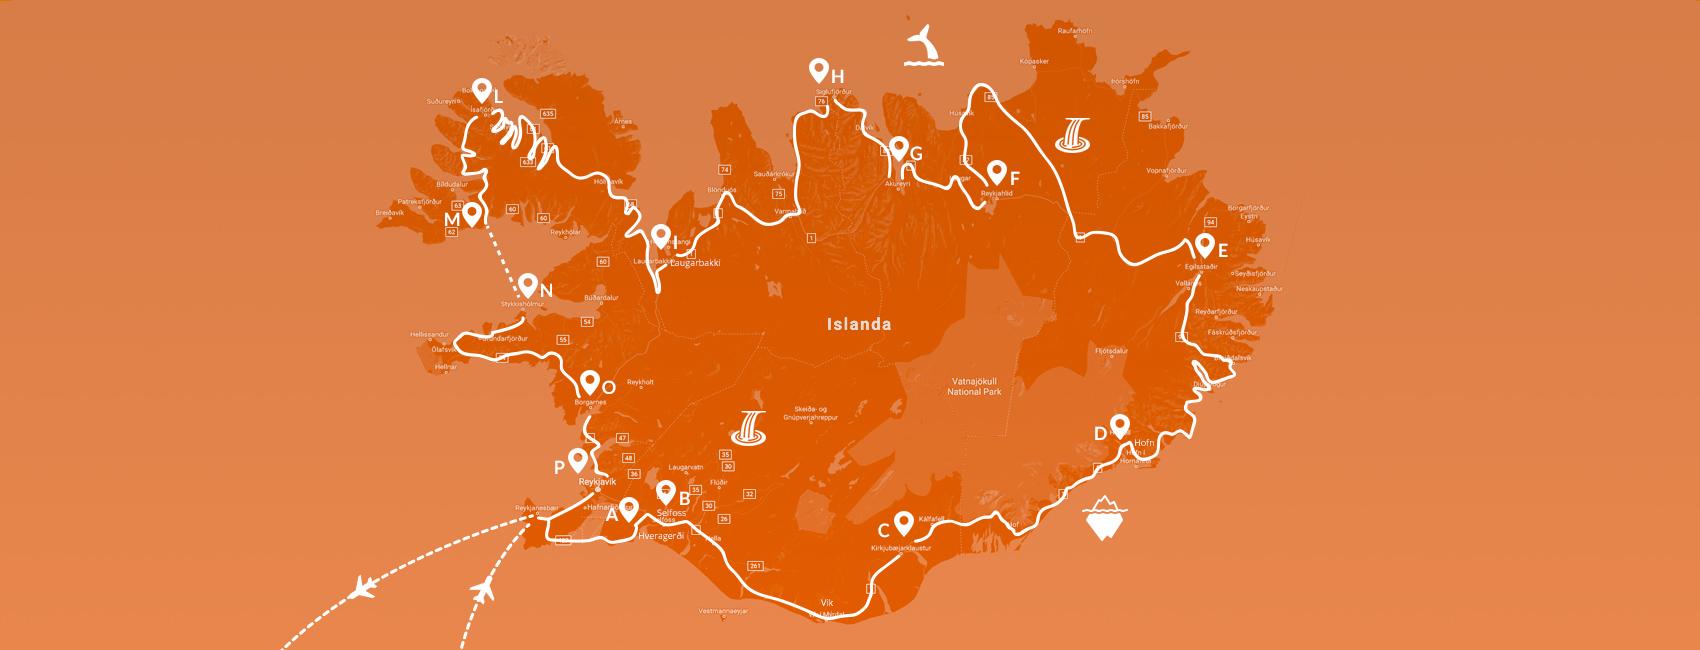 maps-iceland-paesaggi-islandesi